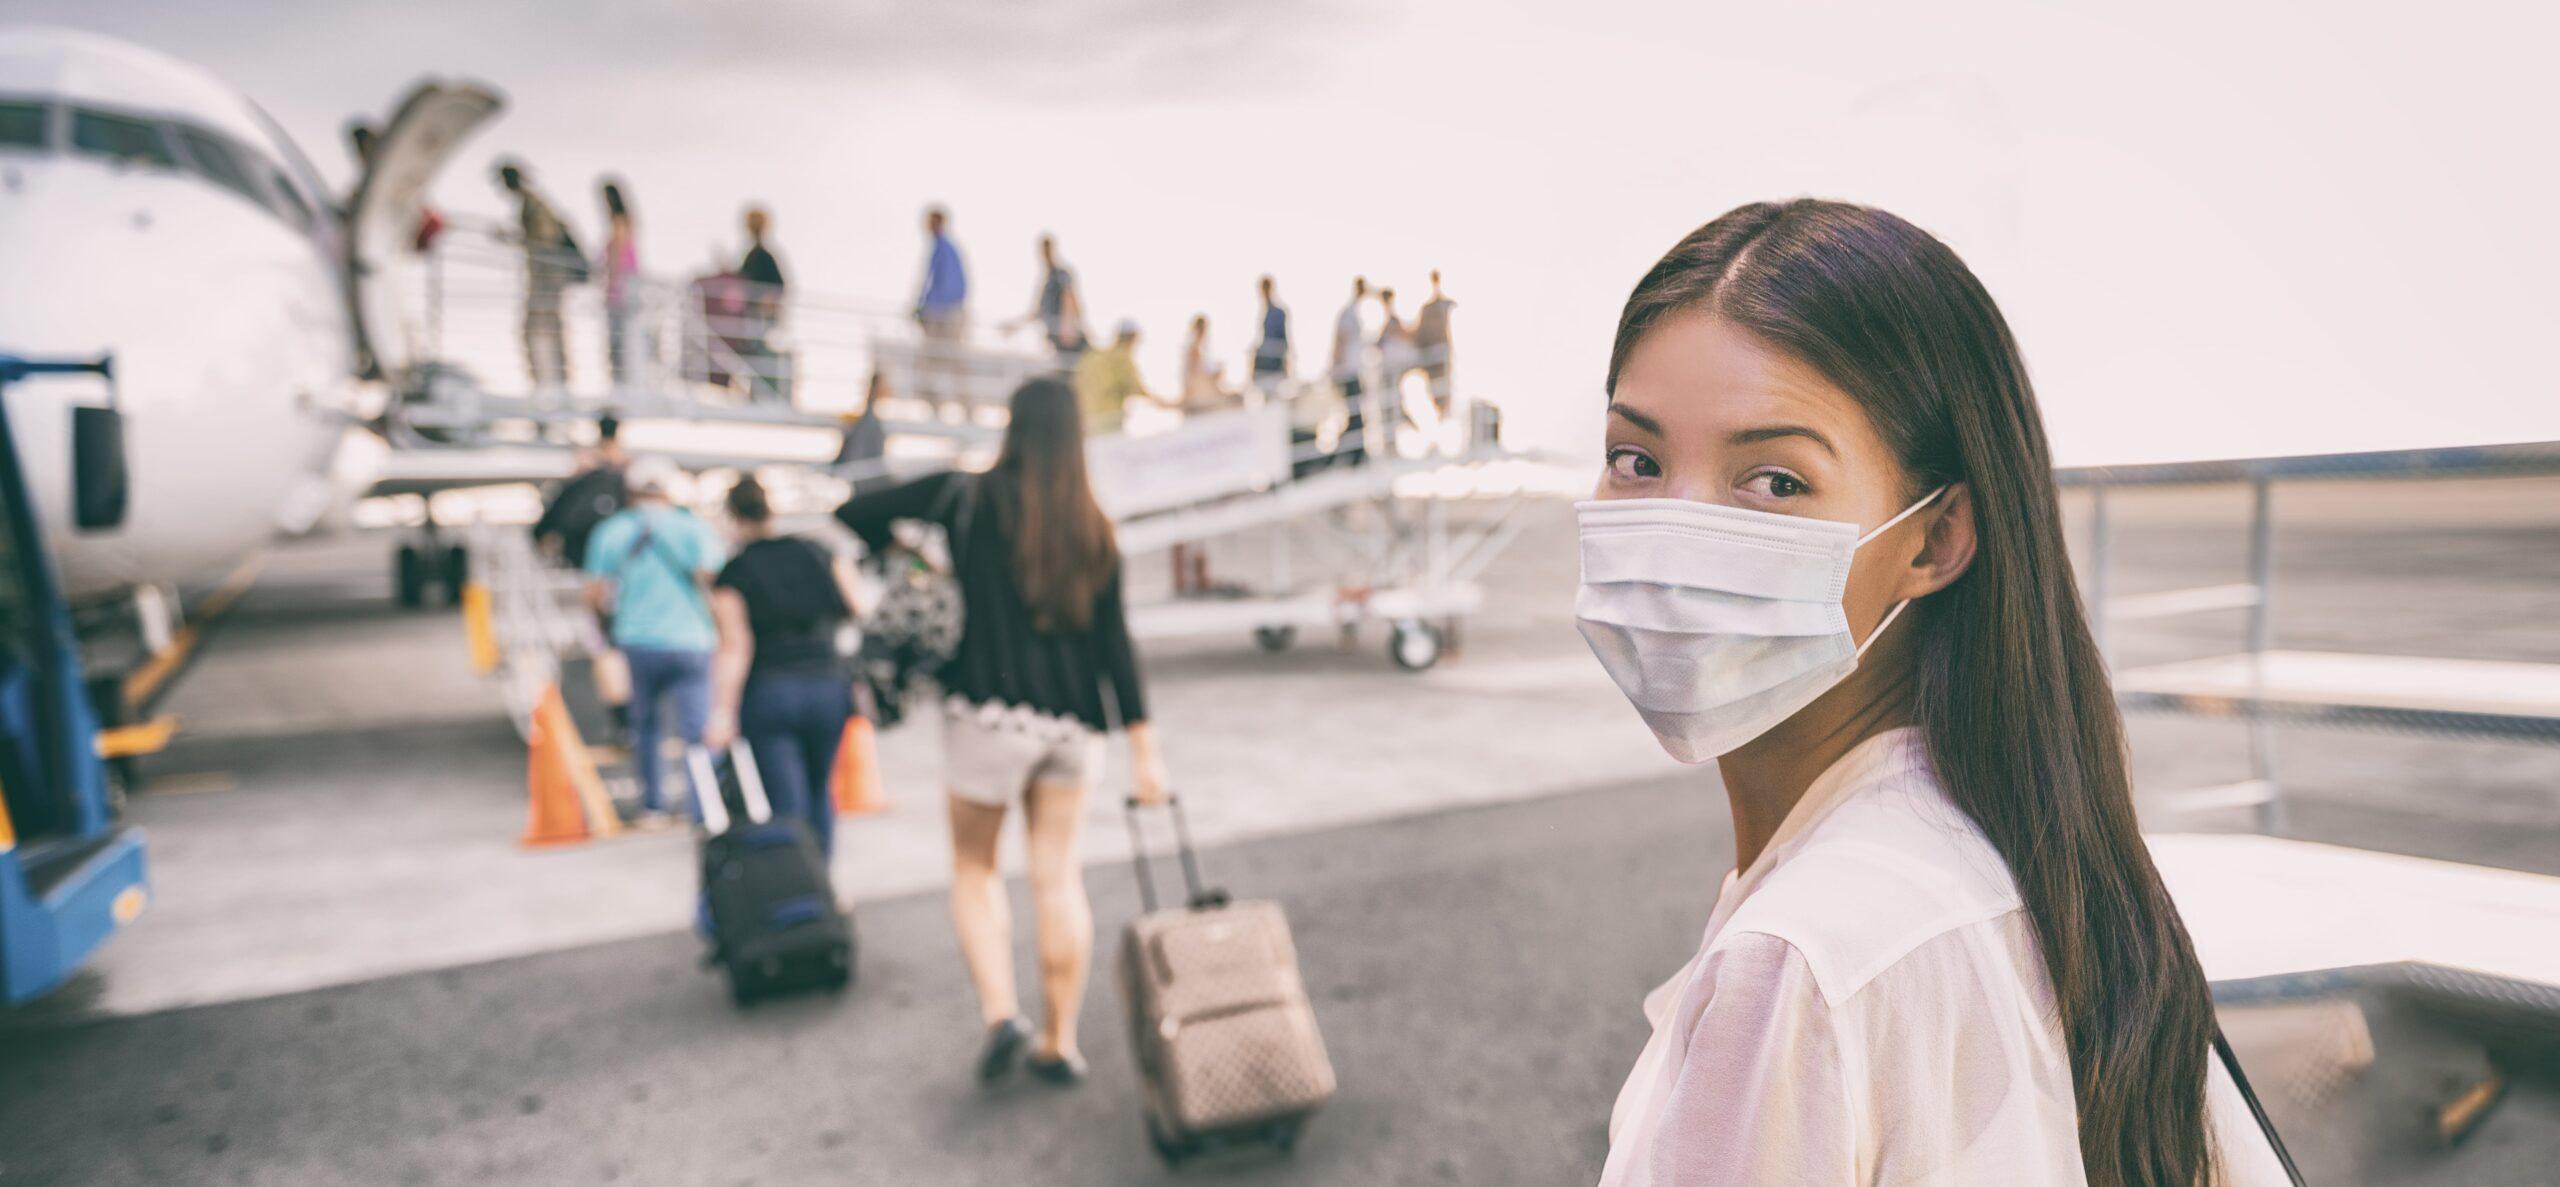 Antwoord op de meest gestelde vragen over reizen met de nieuwe coronamaatregelen